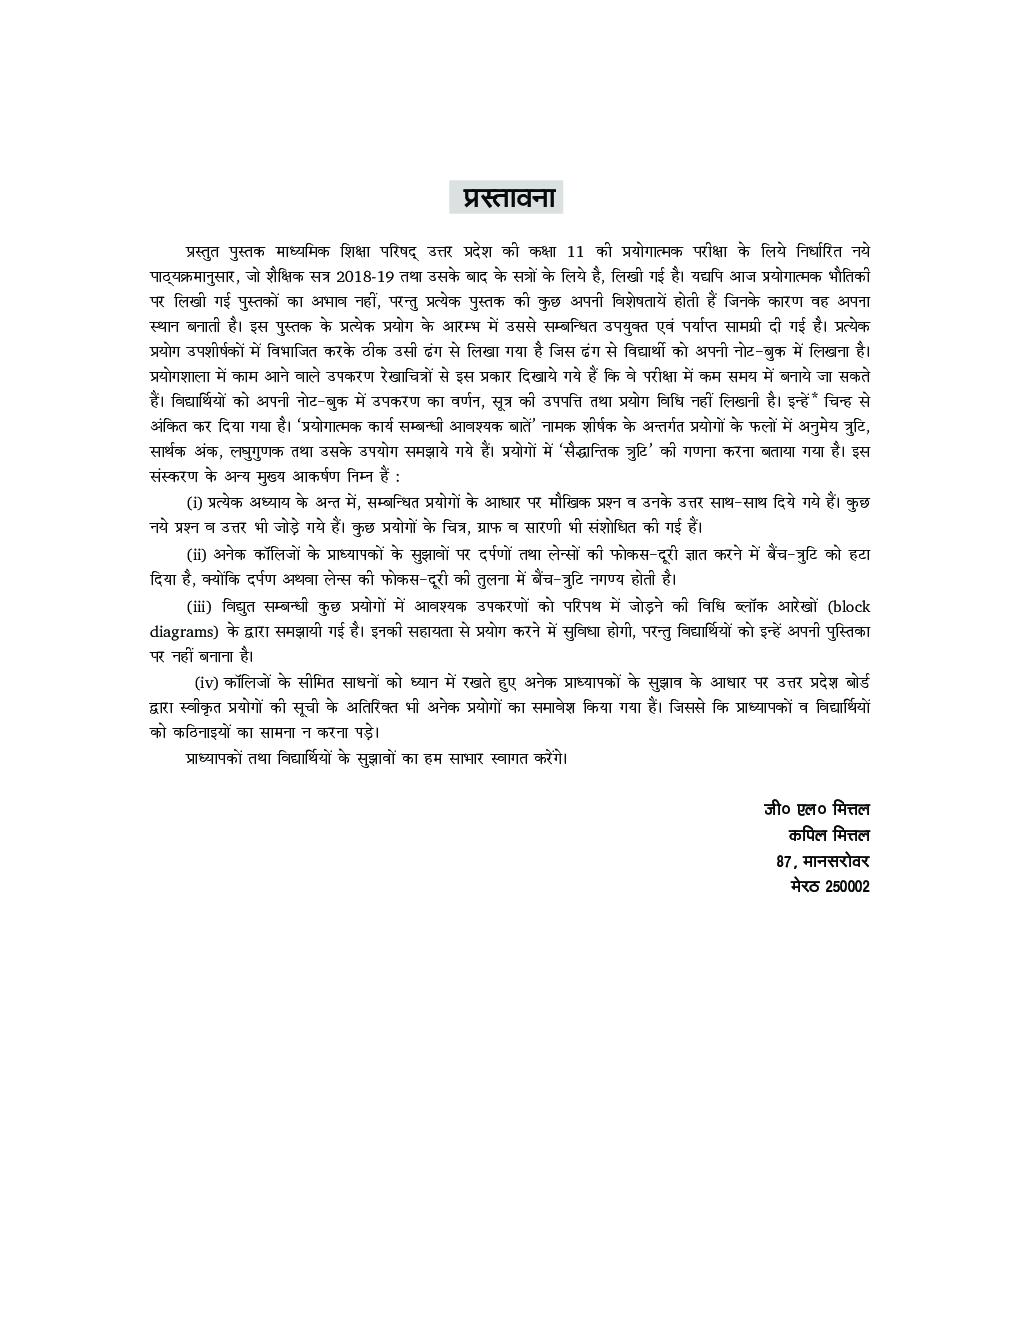 UP Board माध्यमिक प्रयोगात्मक भौतिकी For Class - XI - Page 4